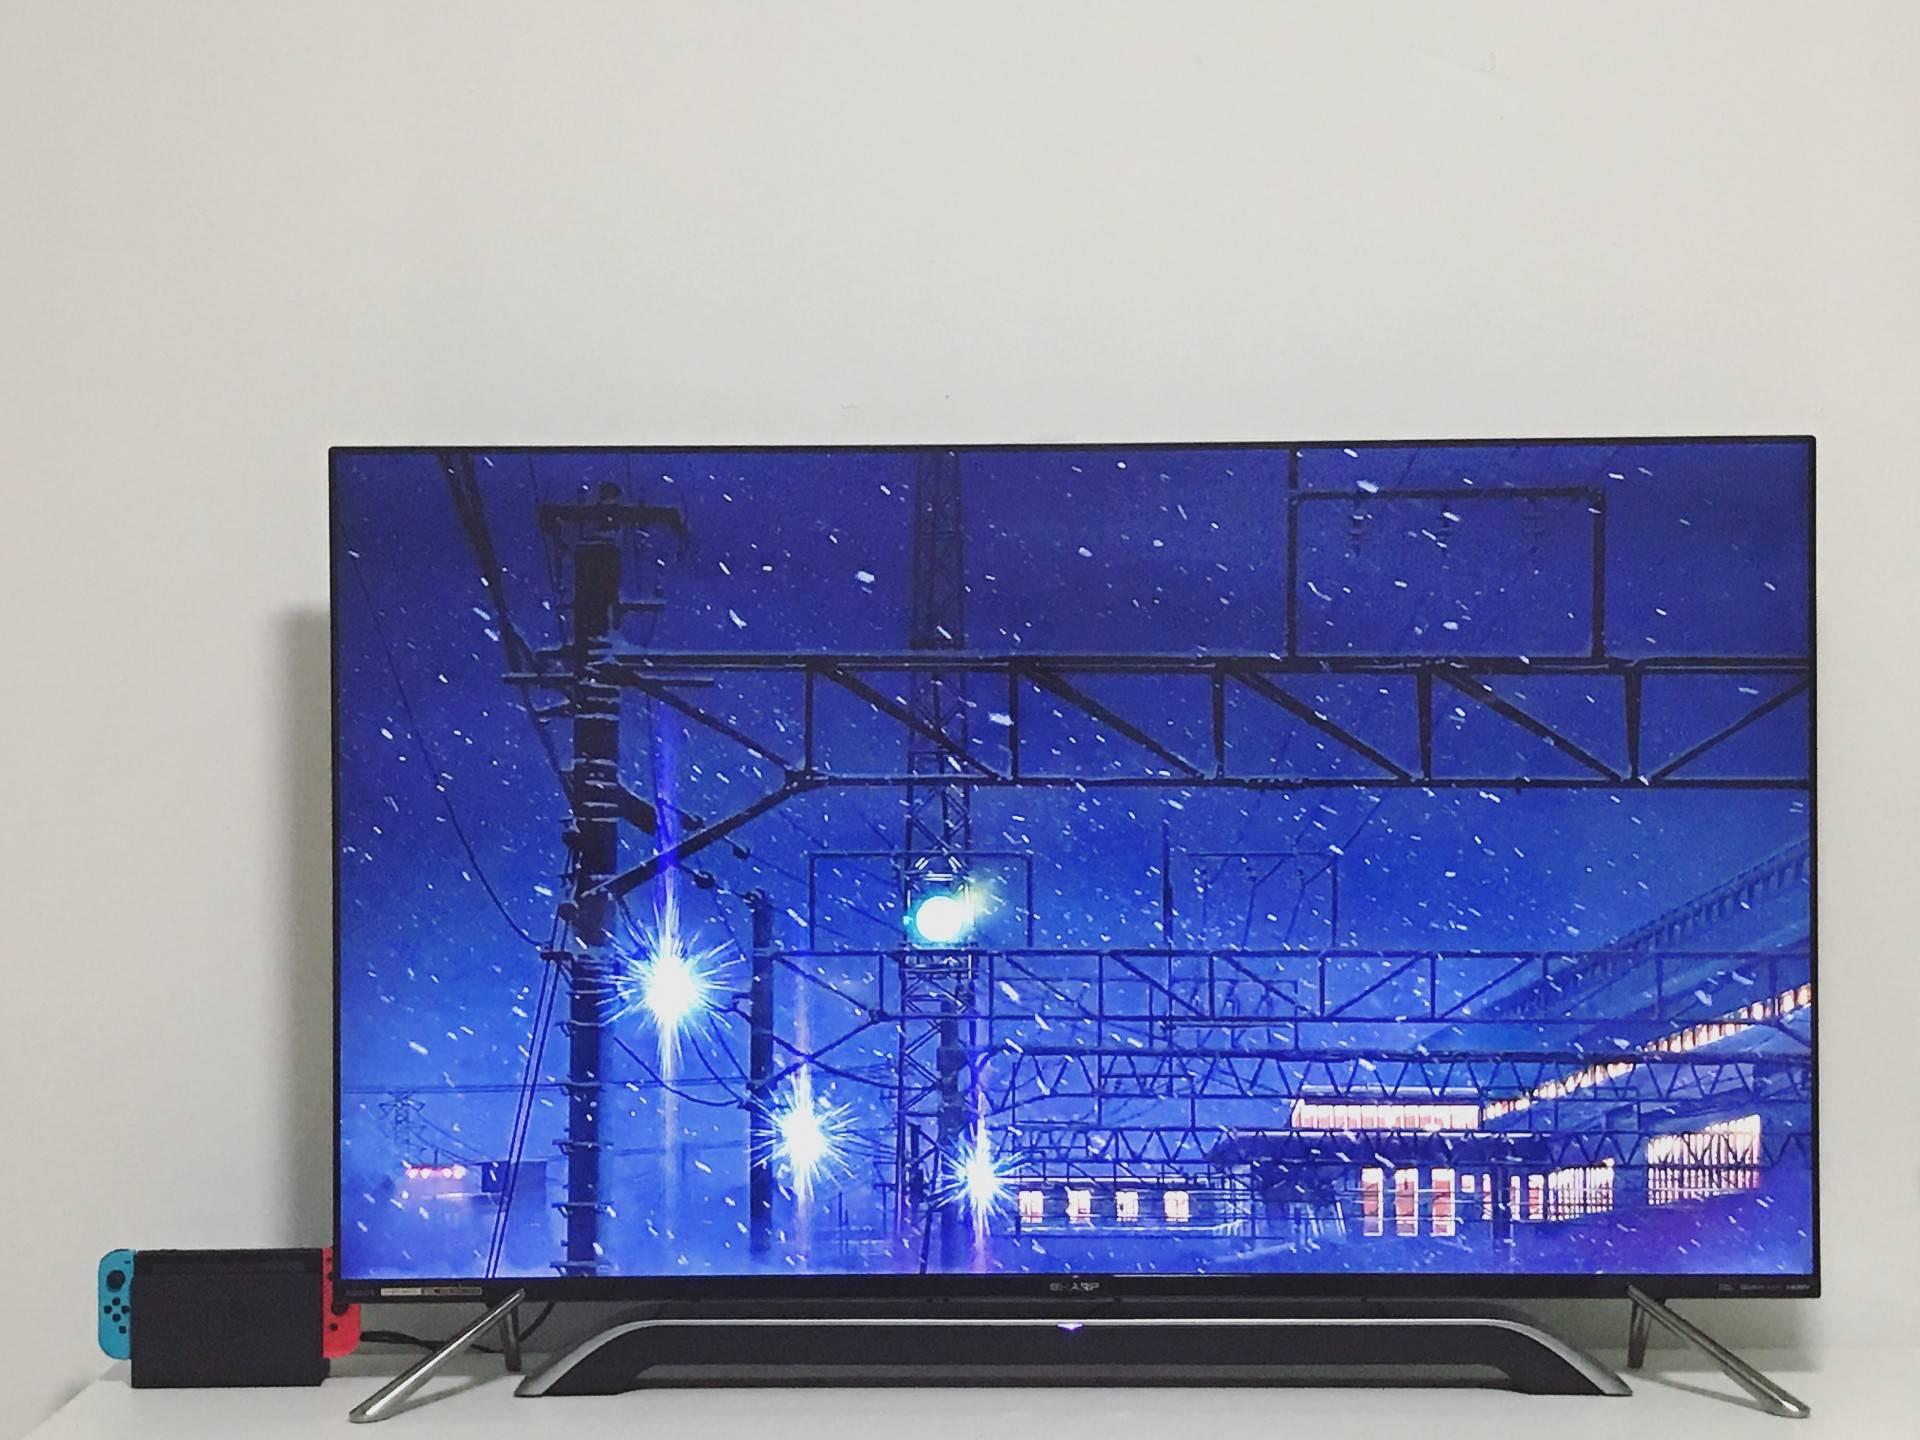 夏普上半年发布的 4K 分体电视